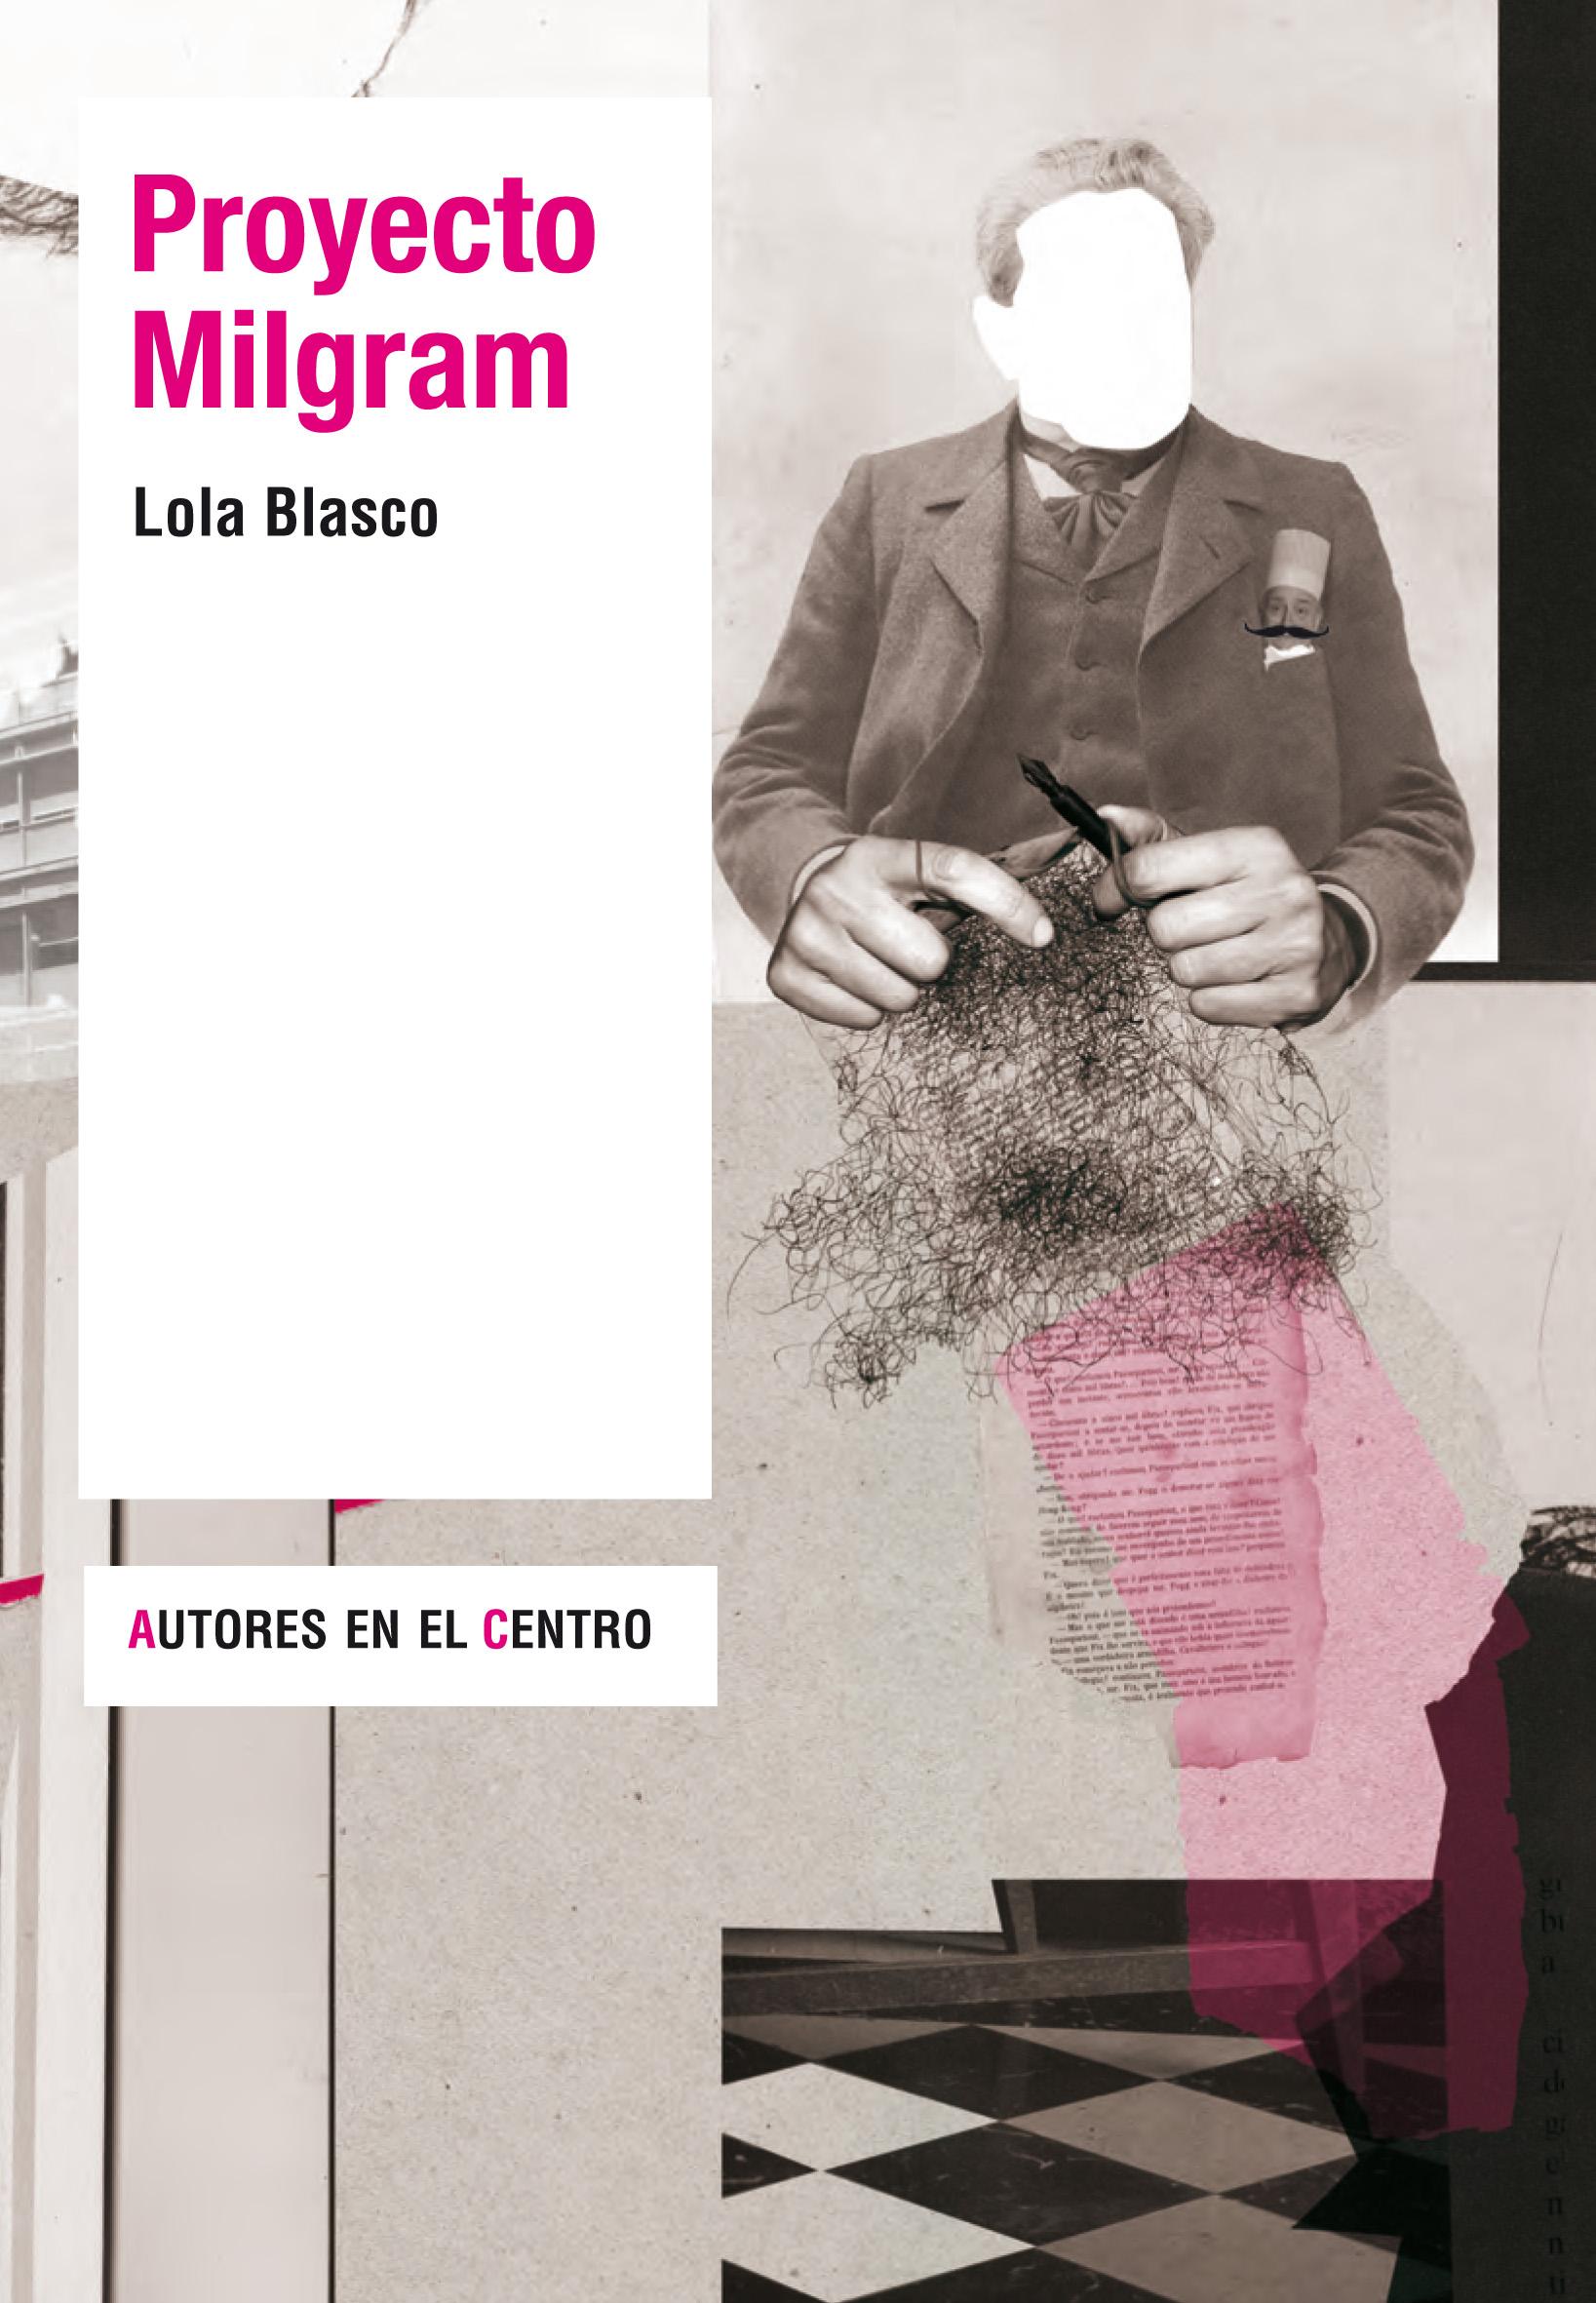 Cubierta de Proyecto Milgram